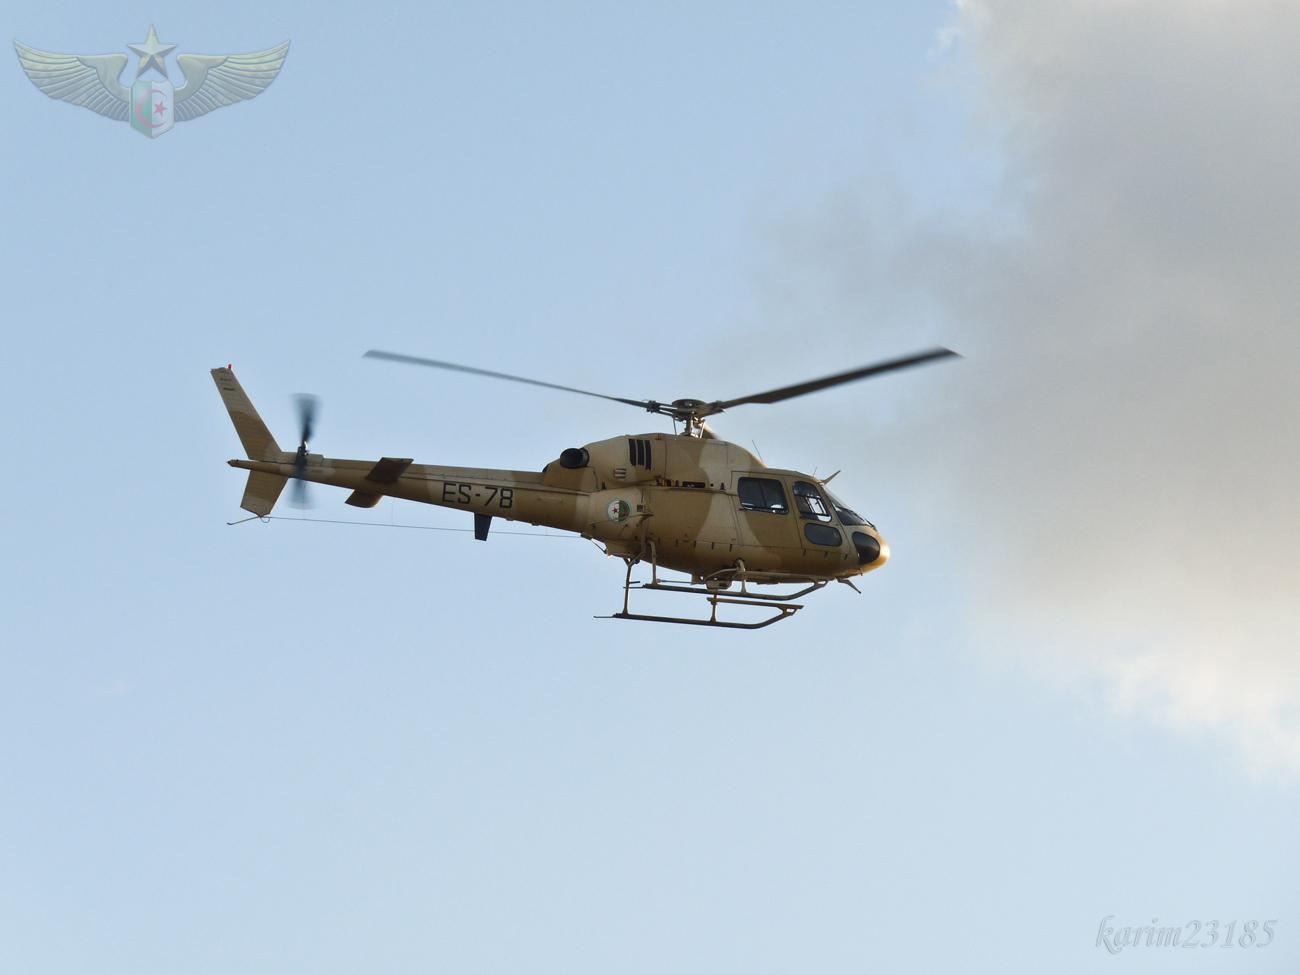 صور مروحيات القوات الجوية الجزائرية Ecureuil/Fennec ] AS-355N2 / AS-555N ] - صفحة 2 25986033702_8270562f50_o